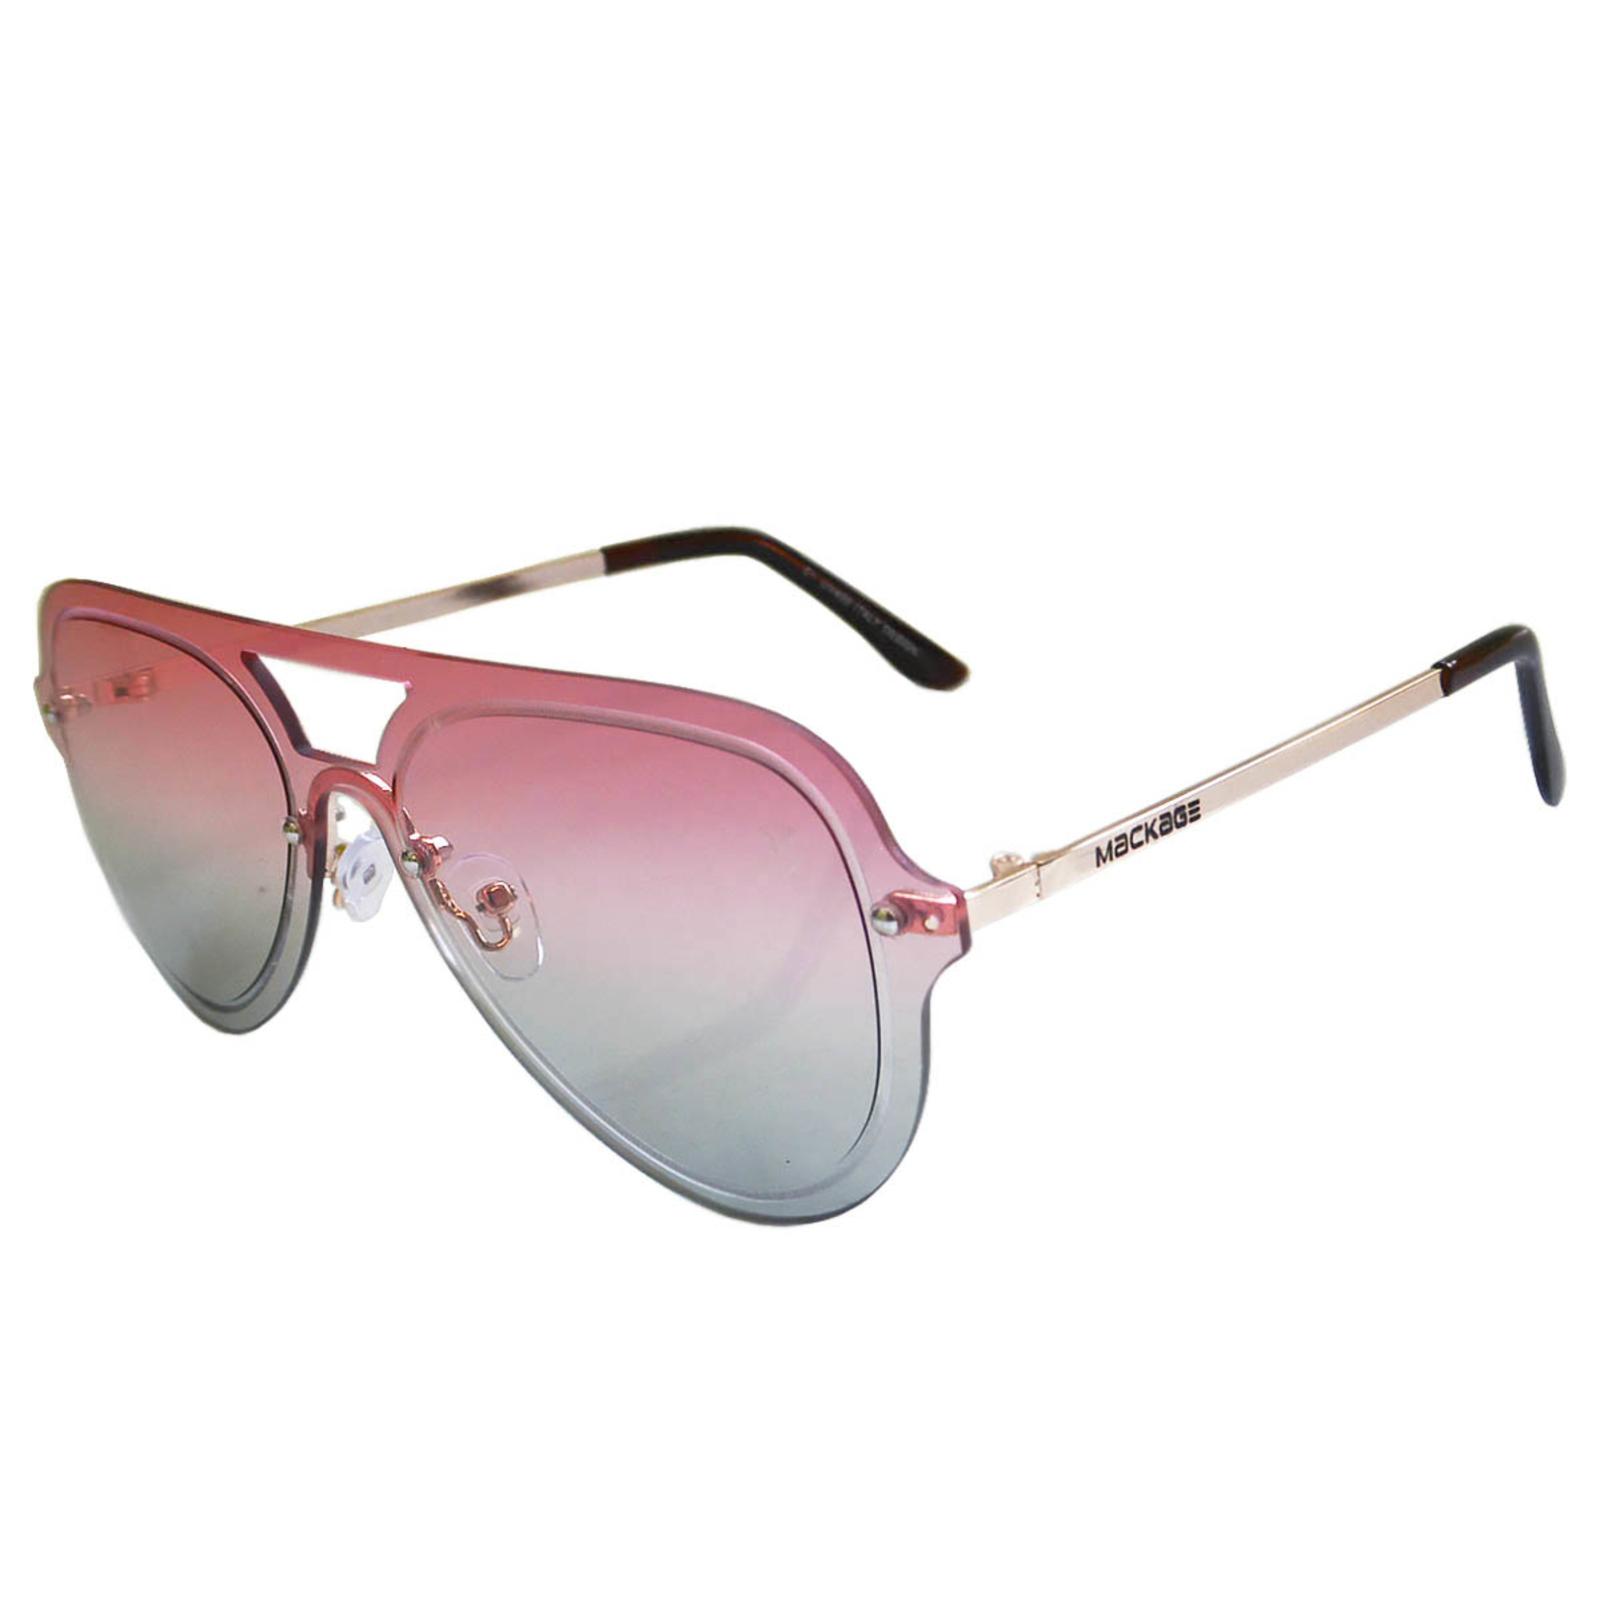 Óculos De Sol Mackage Feminino Aviador Rimless - Rosa